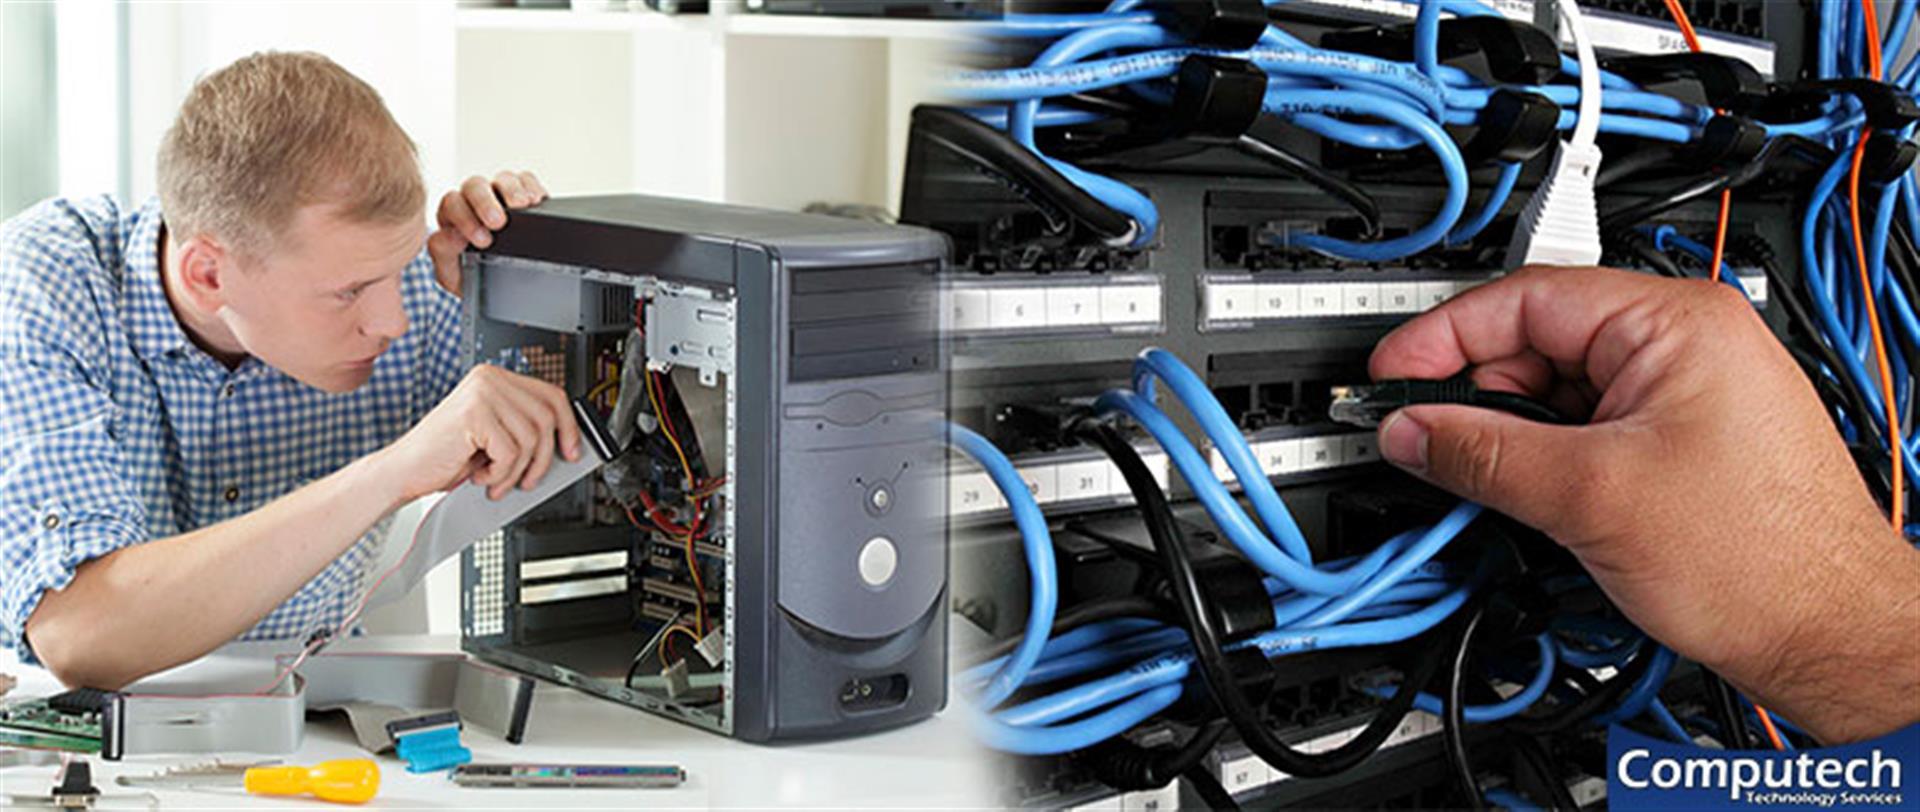 Senoia Georgia Onsite Computer PC & Printer Repair, Network, Voice & Data Cabling Contractors